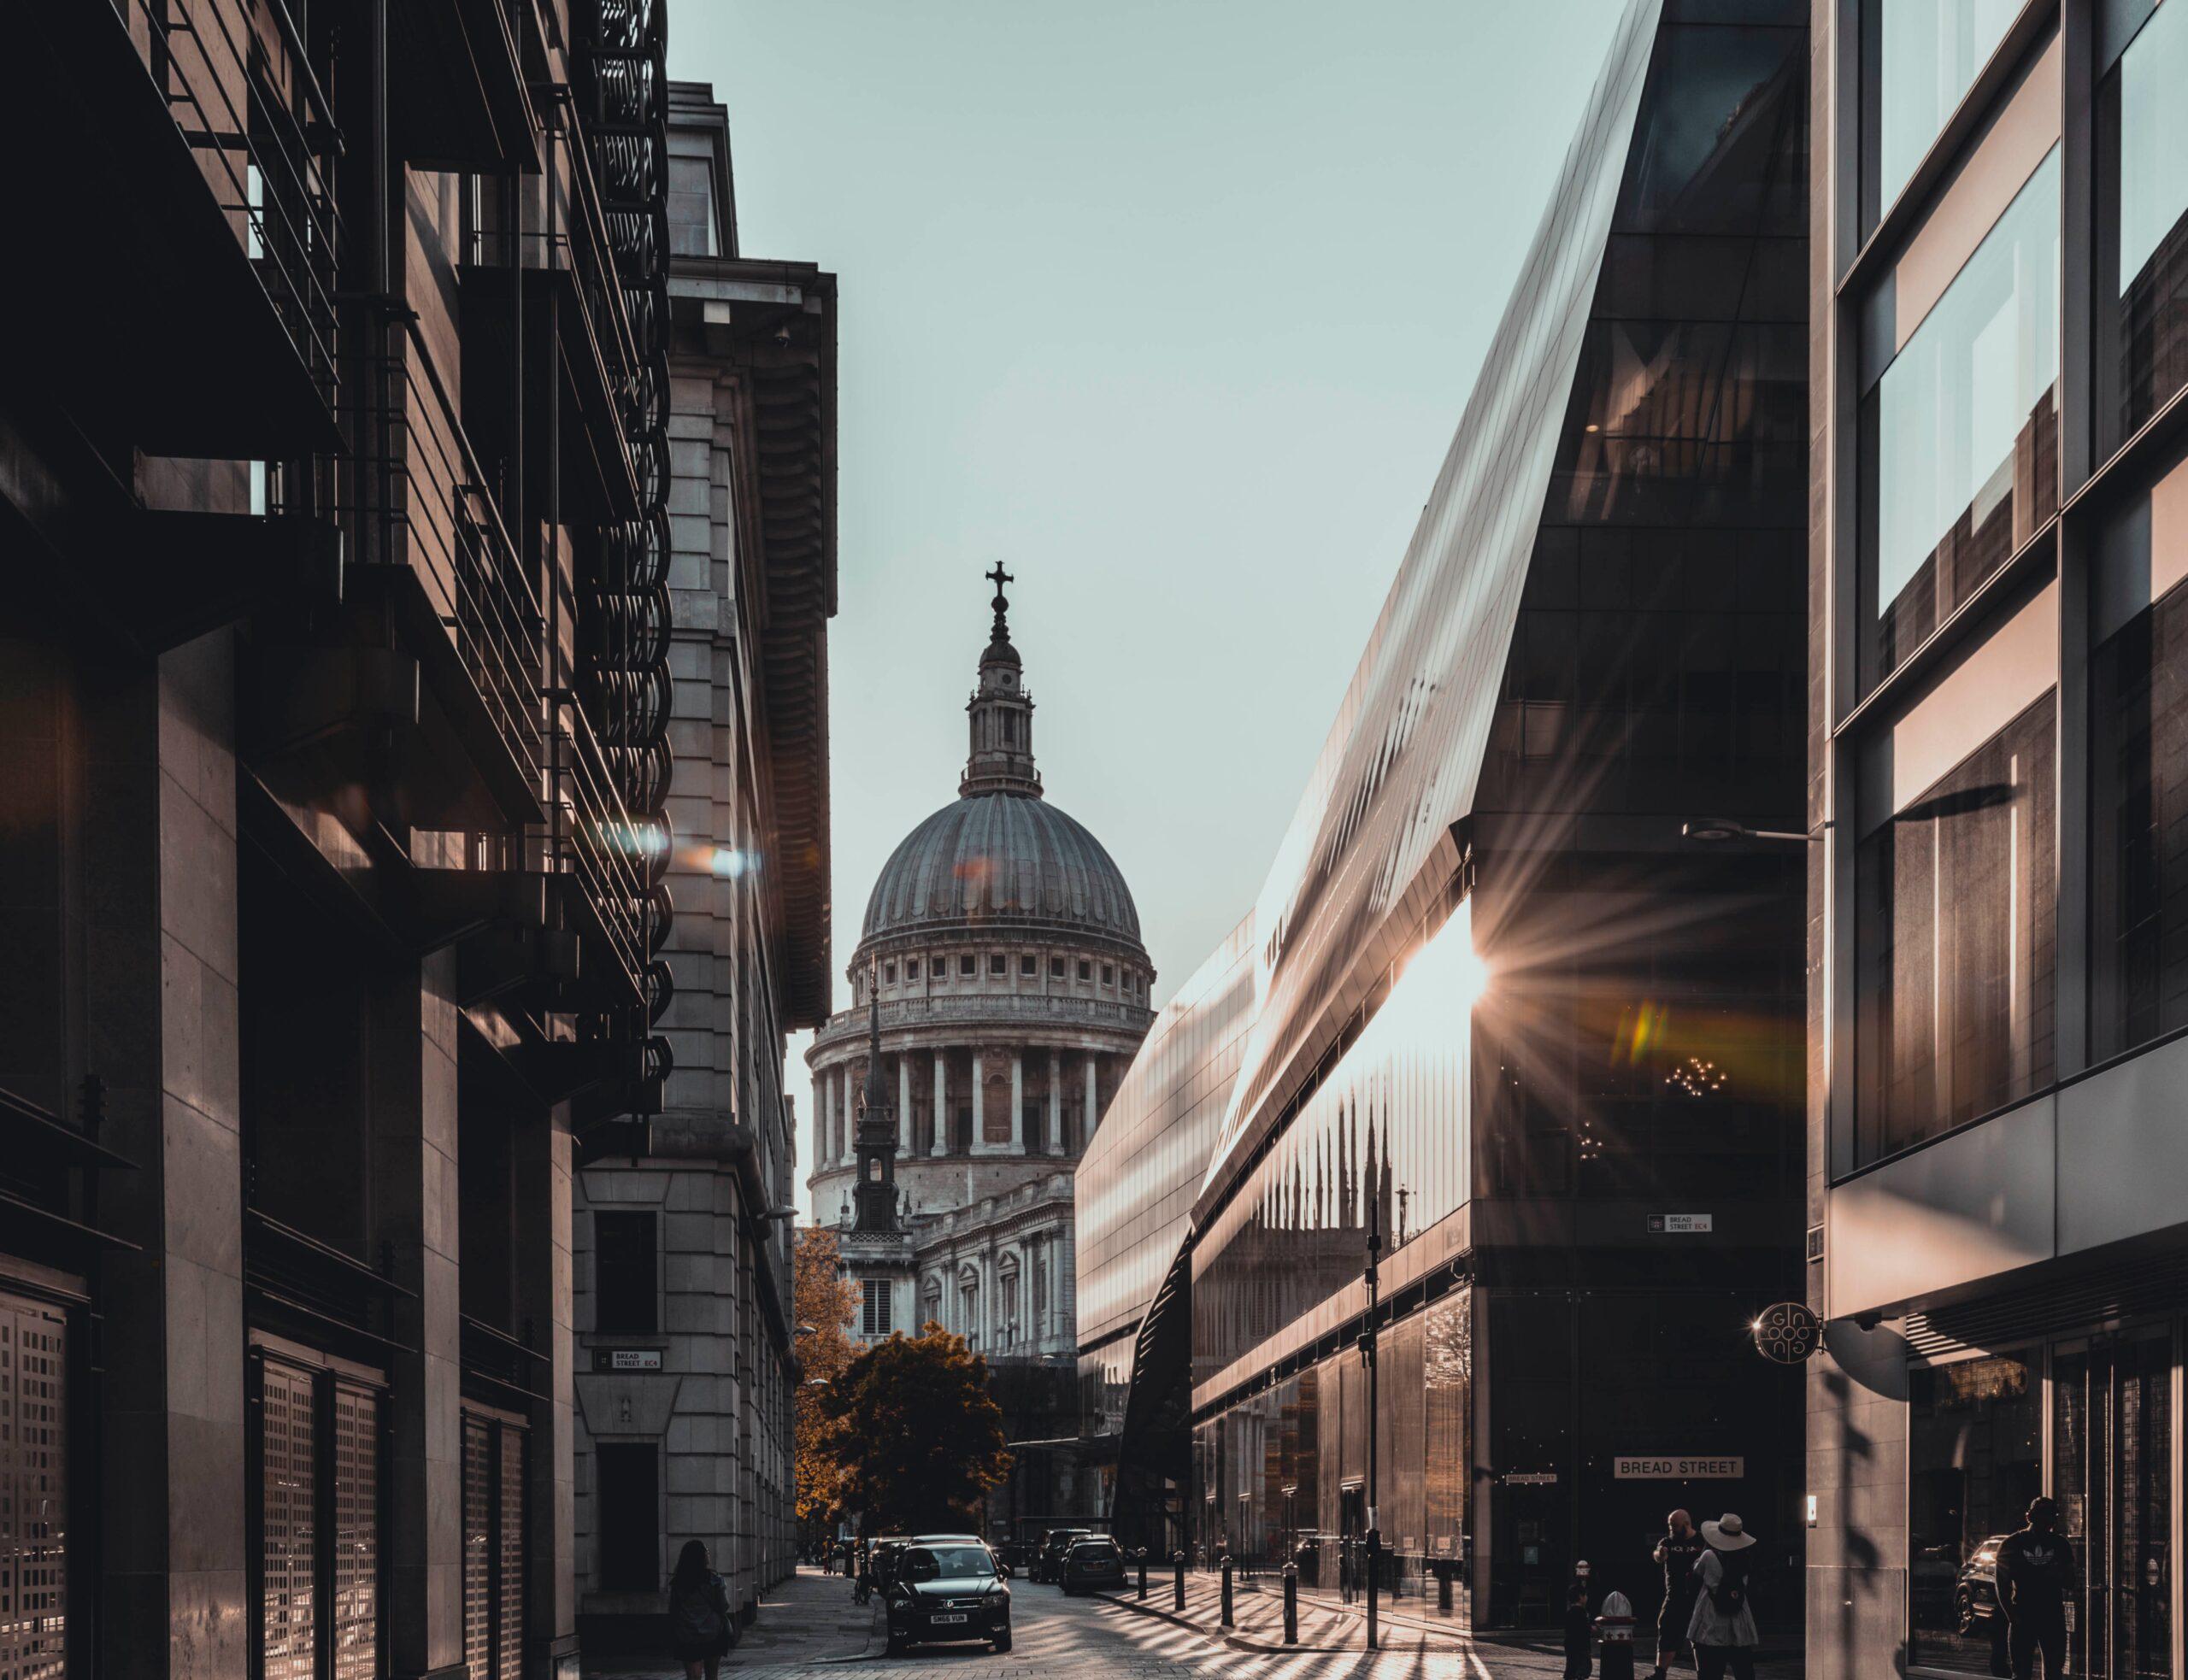 siddhant-kumar-London side street sunlight splashing-unsplash